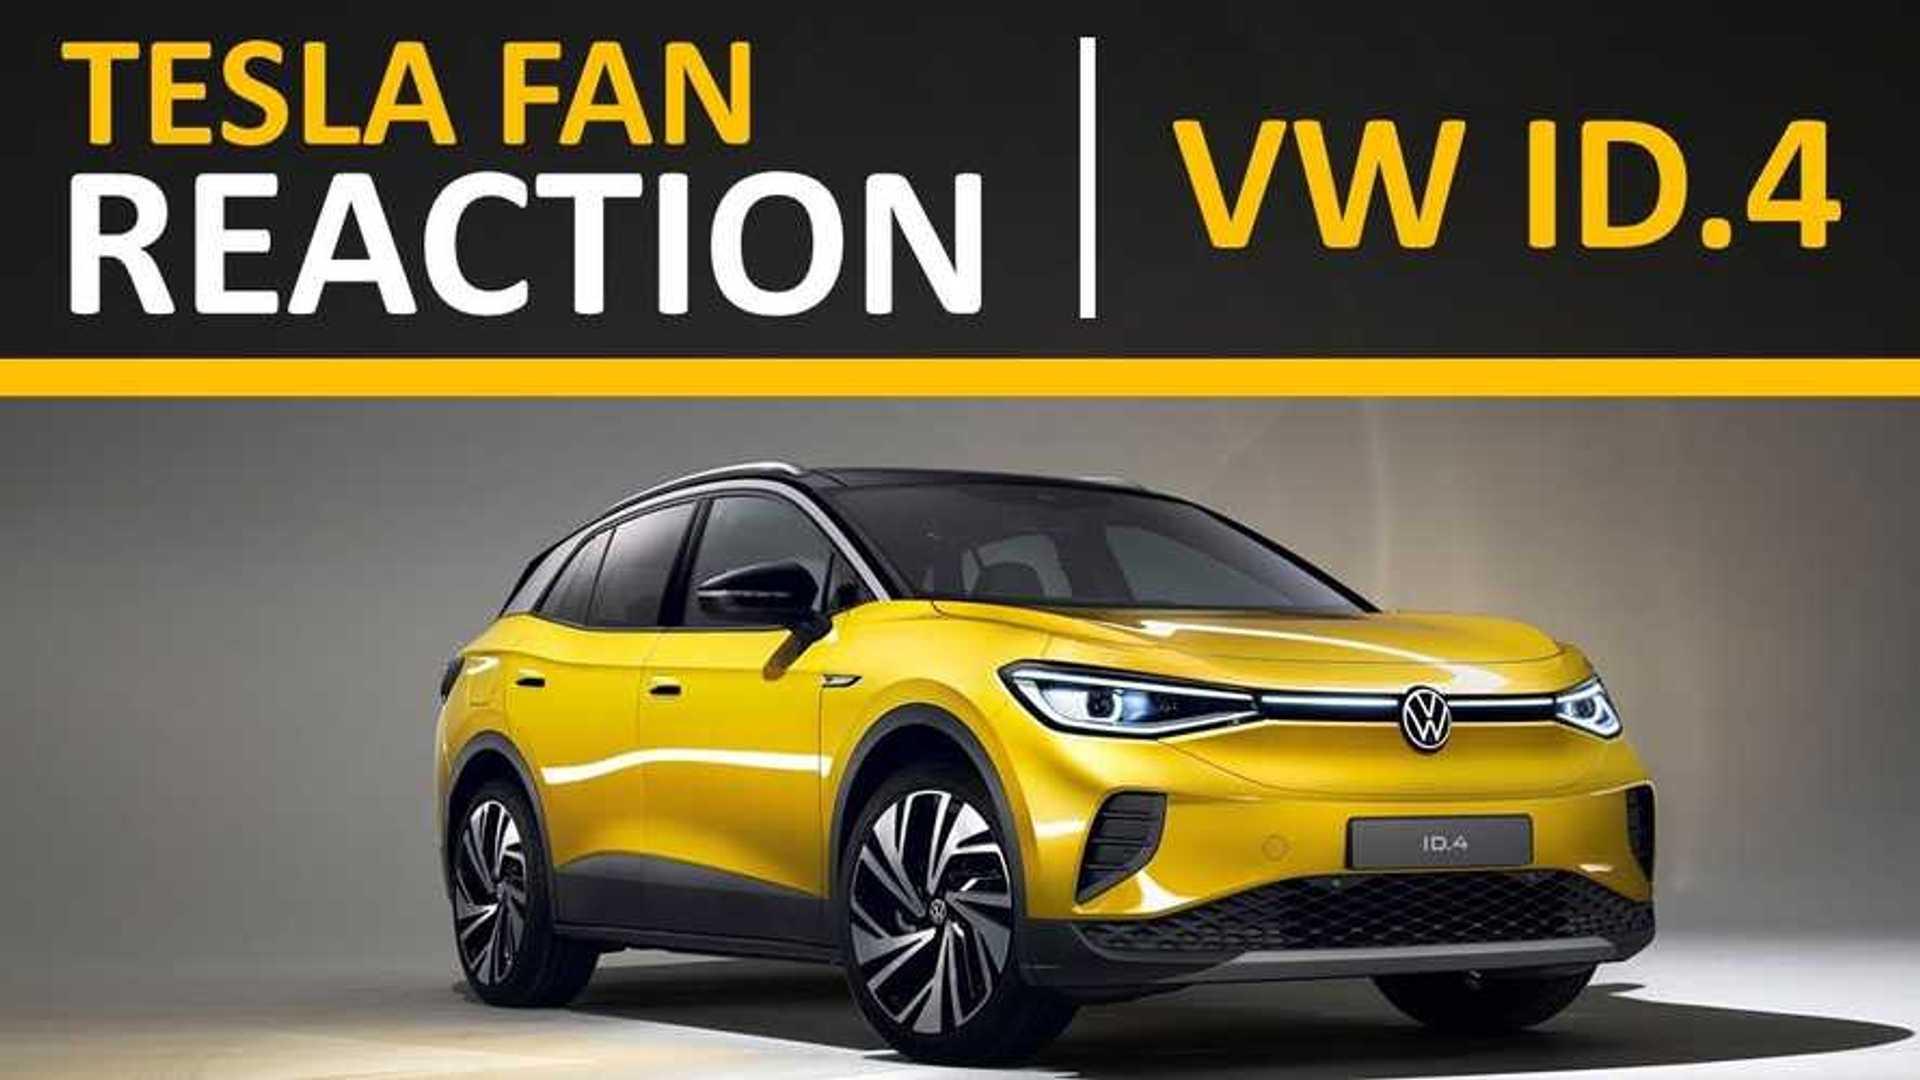 Tesla Model Y Vs VW ID.4: Tesla Fan Reaction & Detailed Comparison